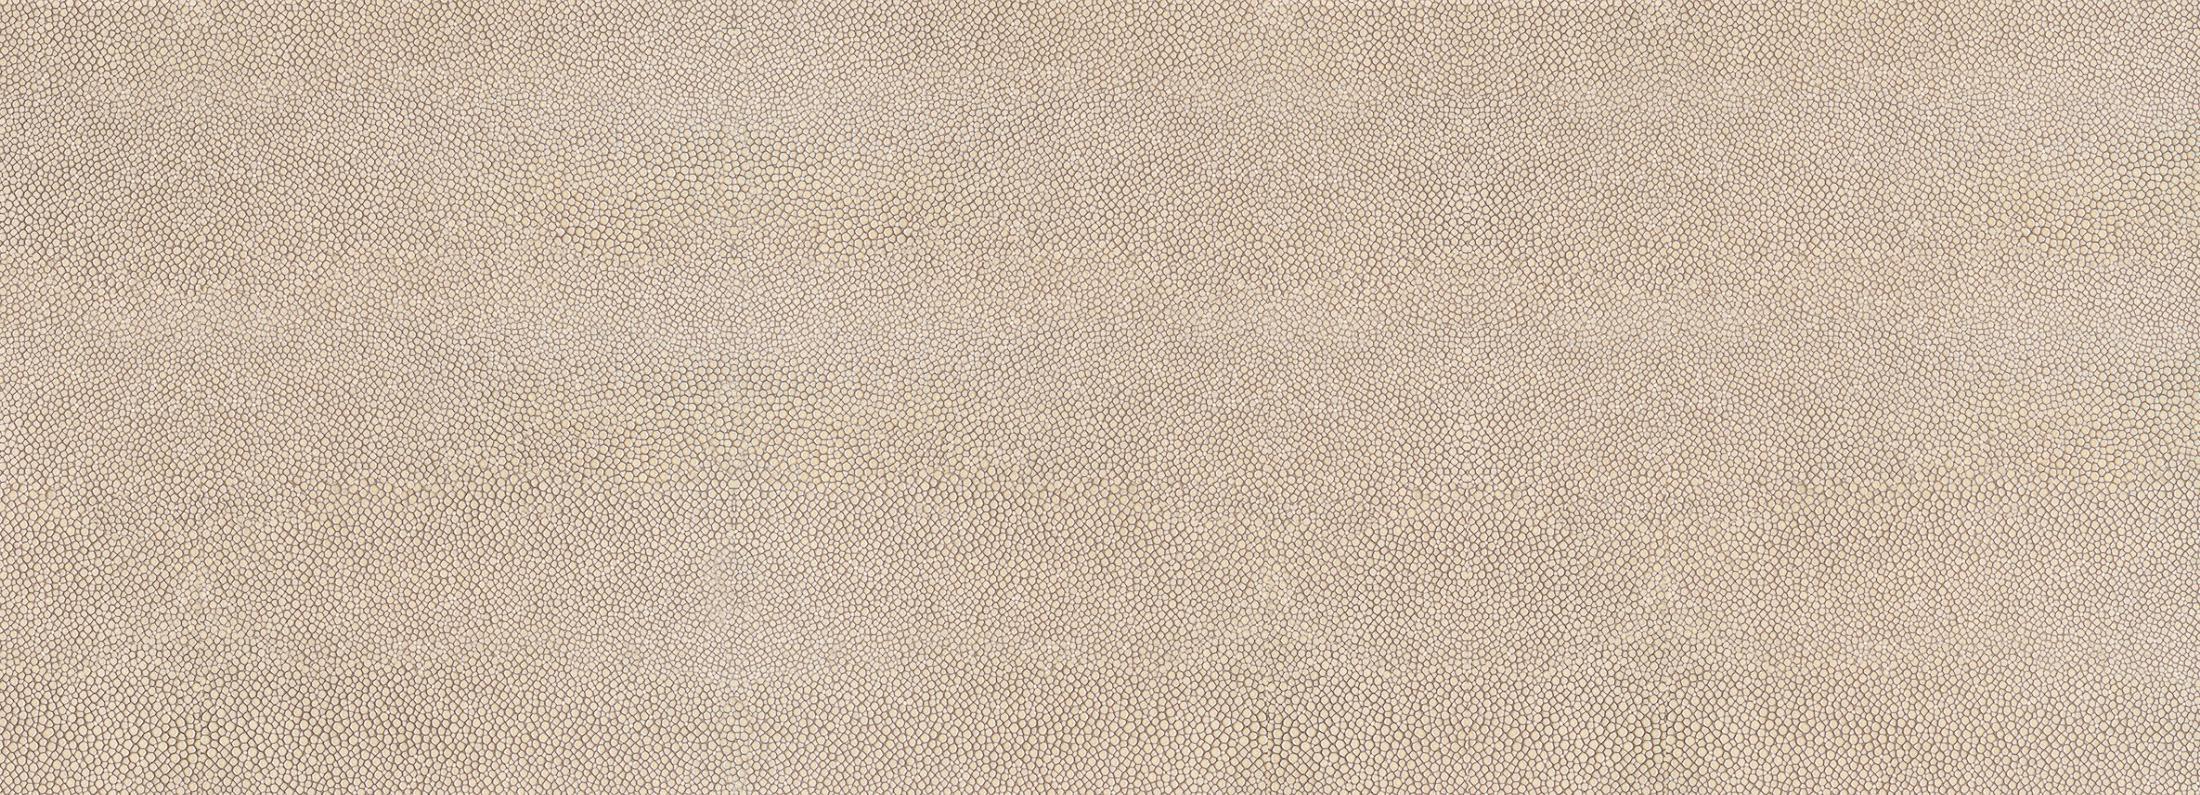 Купить Керамическая плитка AltaСera Stingray Brown WT11STG08 настенная 20x60, Россия